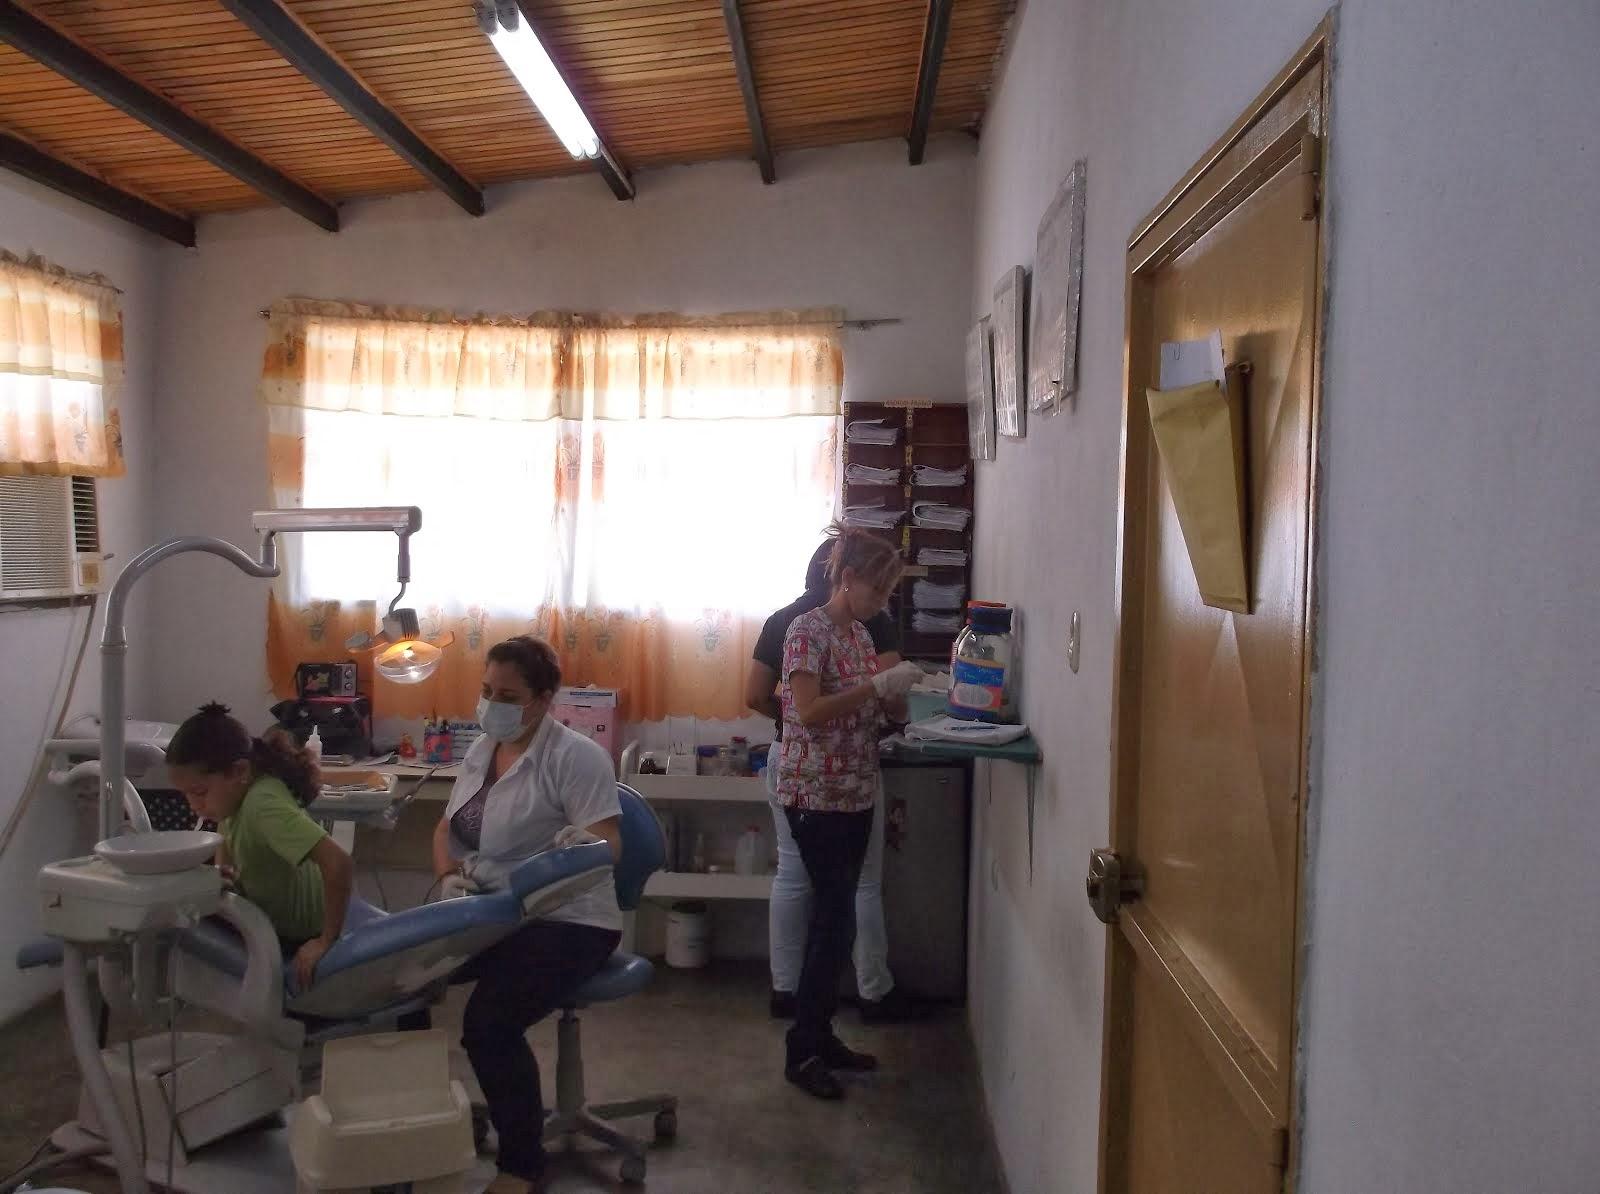 Sala de Atención de Barrio Adentro Odontologico